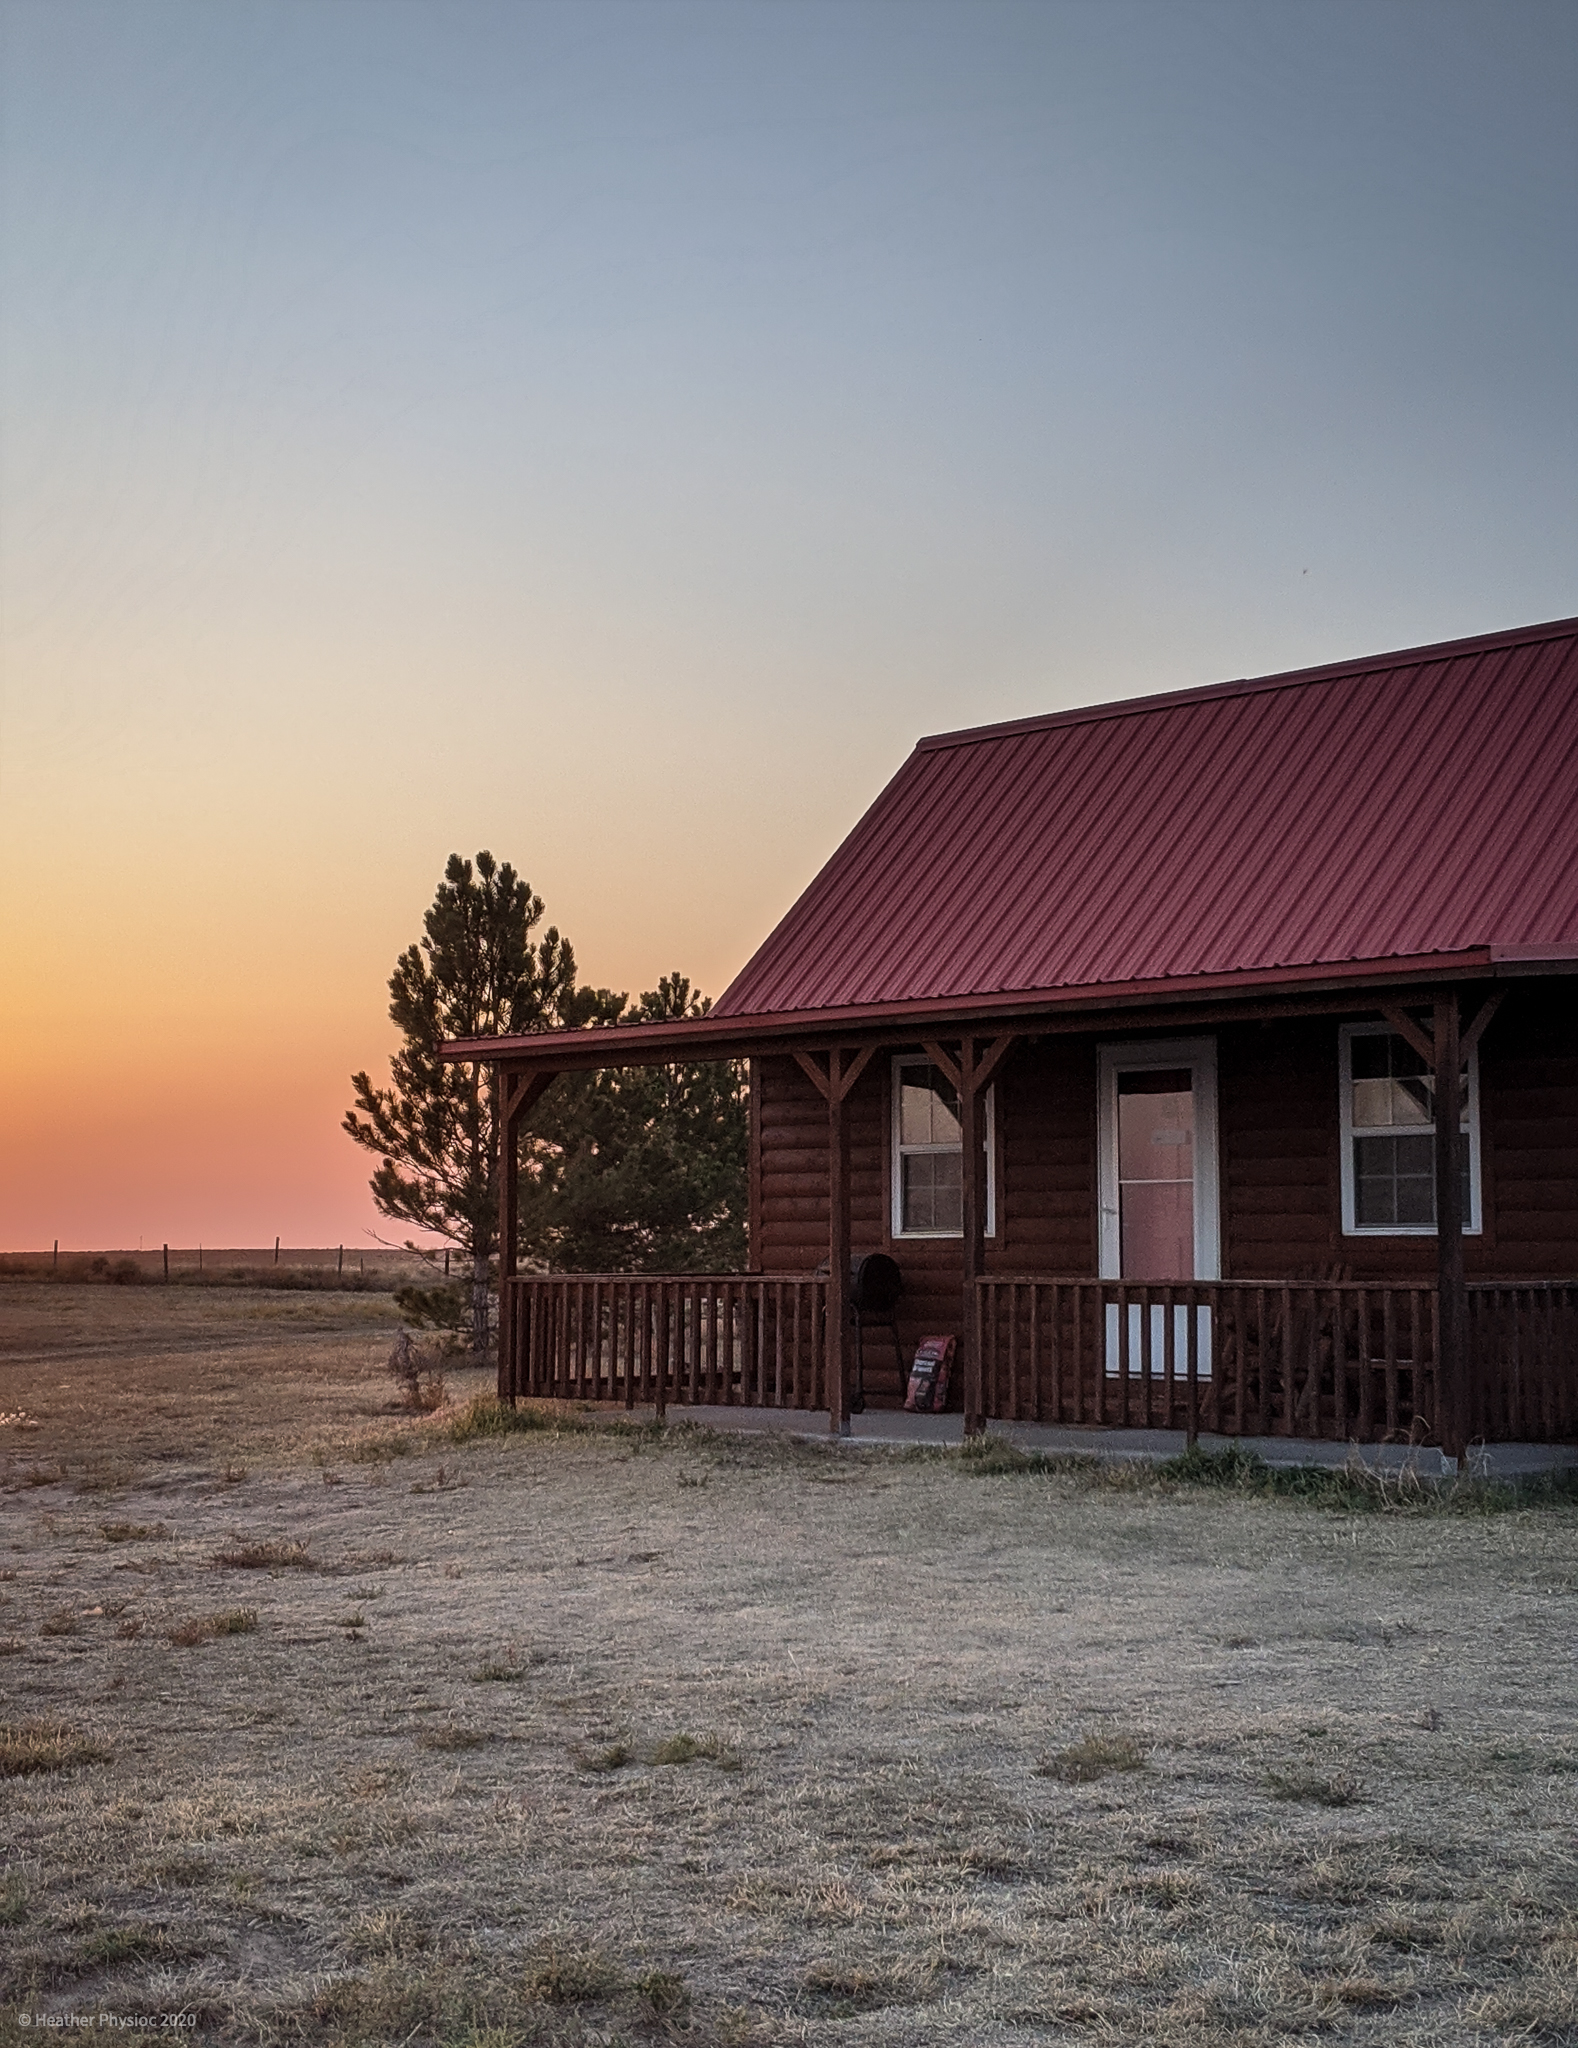 Sunset at a Farmhouse Cabin in Stratton, Colorado